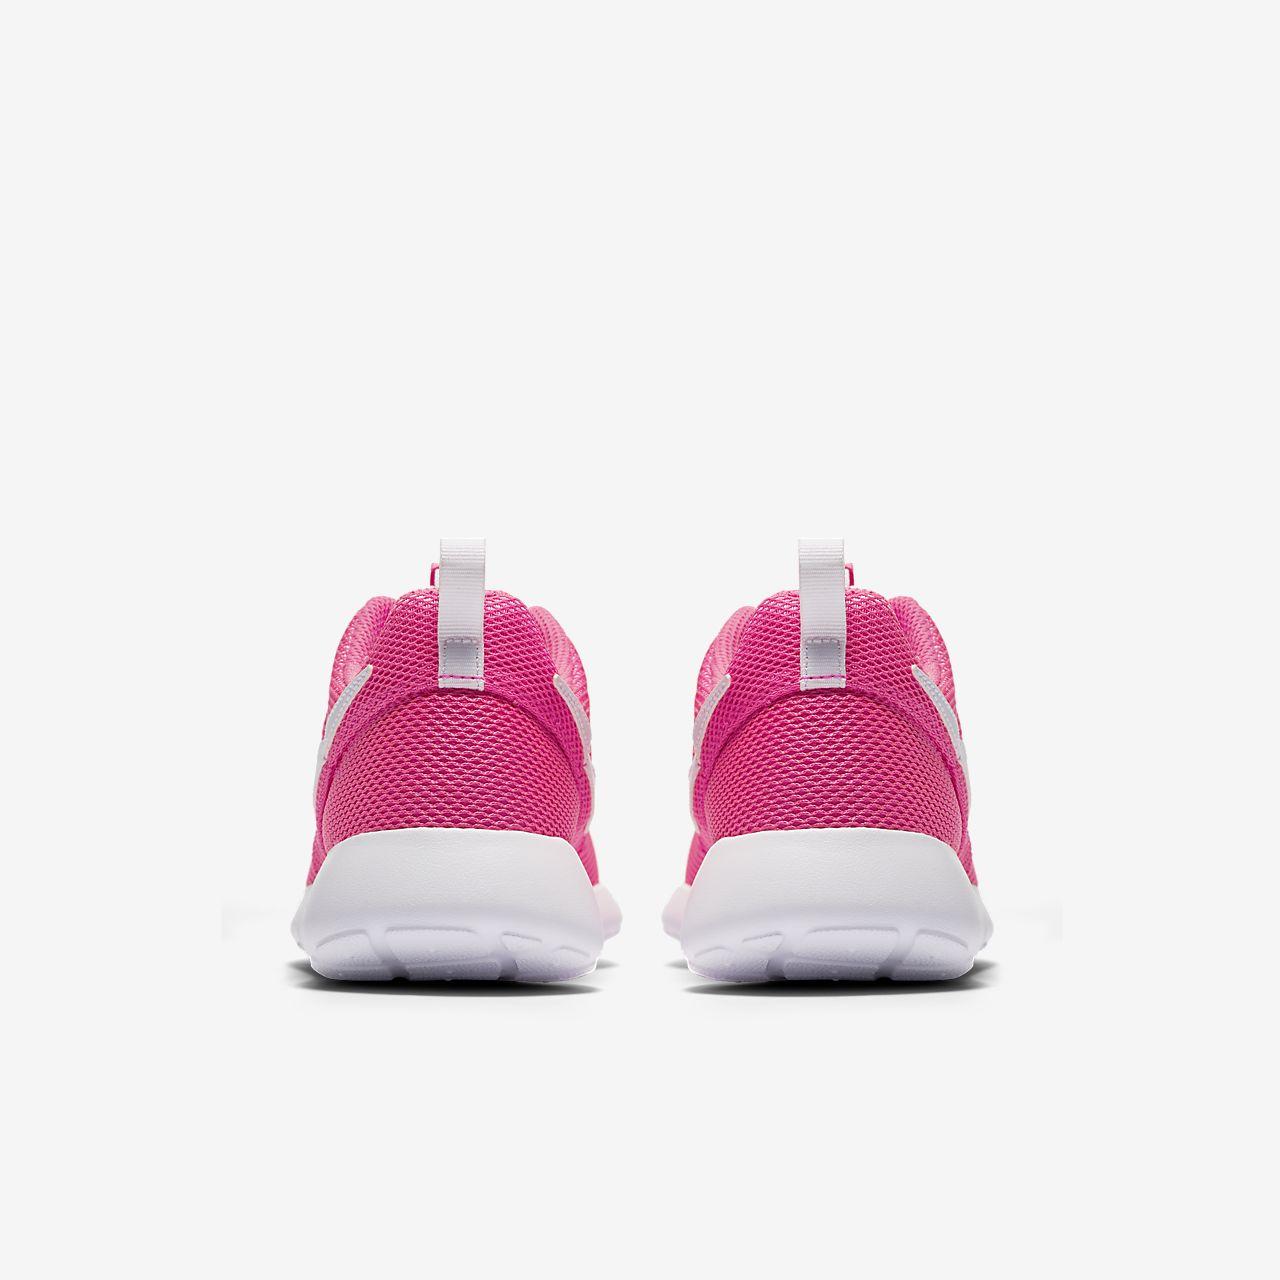 official photos c288d d6287 ... Chaussure Nike Roshe One pour Enfant plus âgé